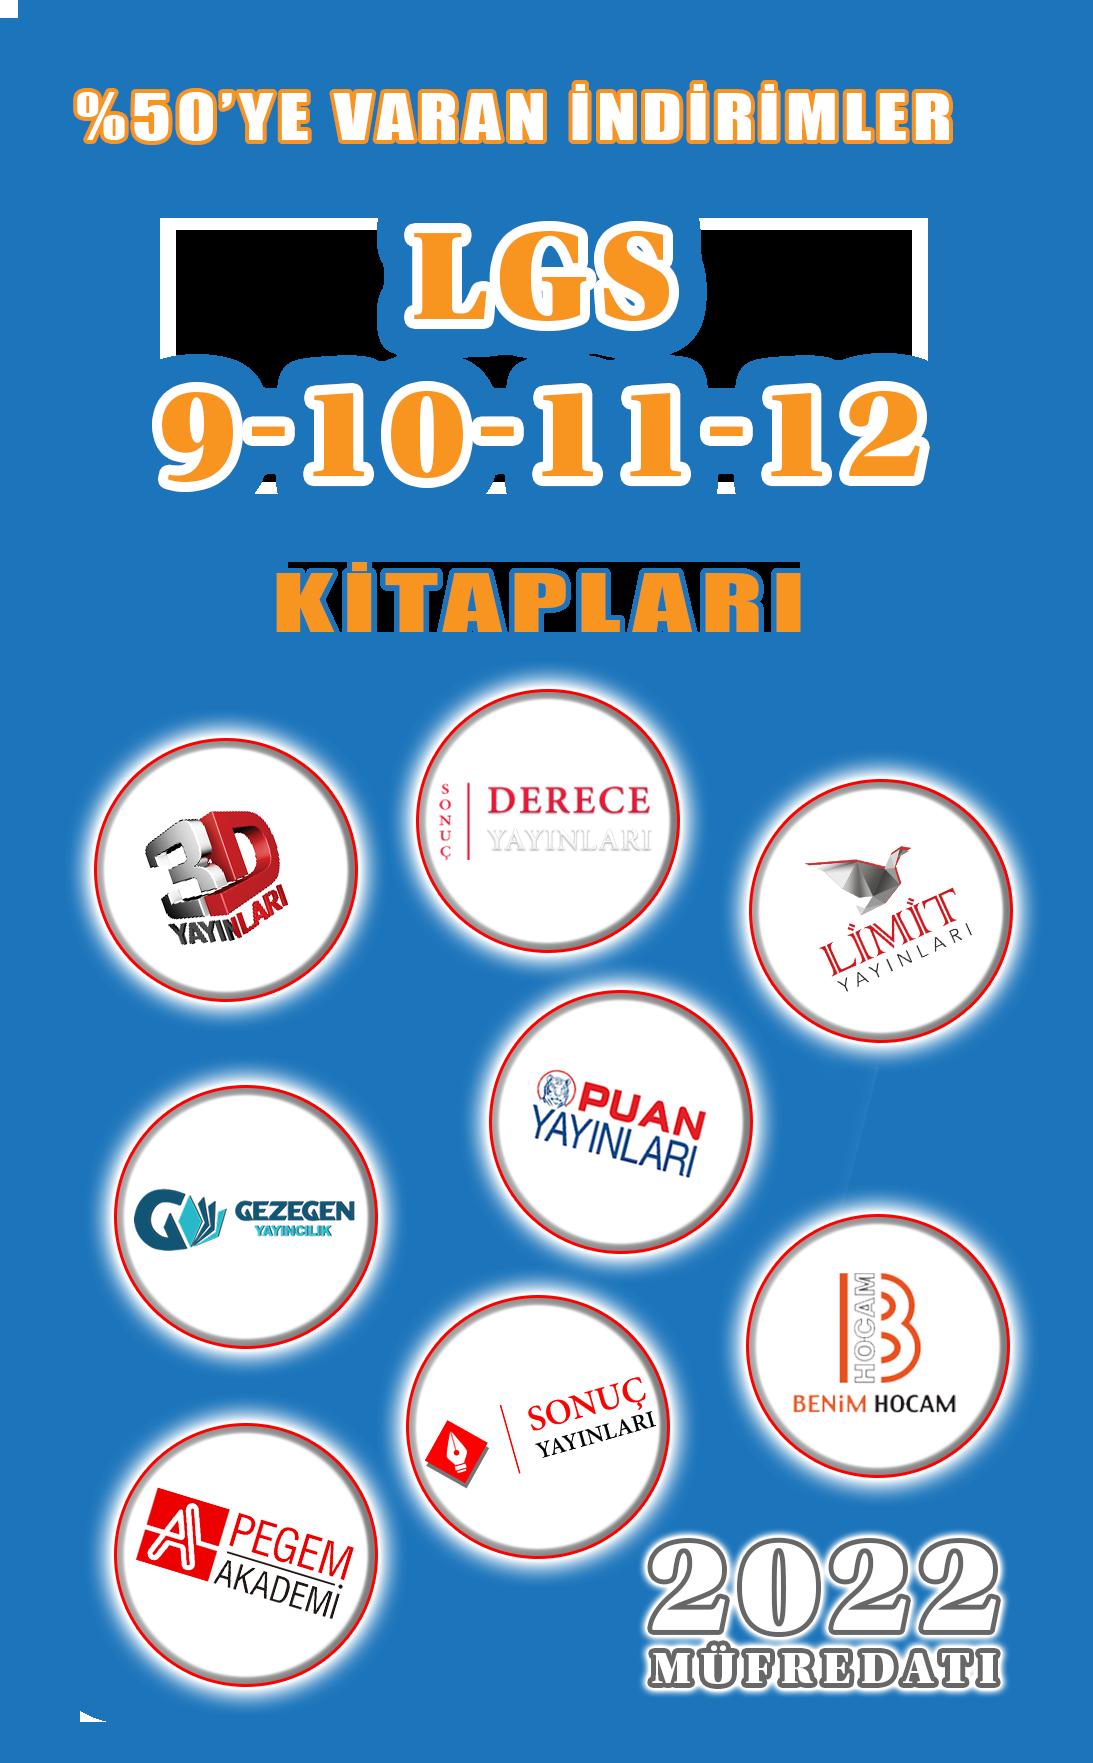 9-10-11-12. SINIF KİTAPLARI